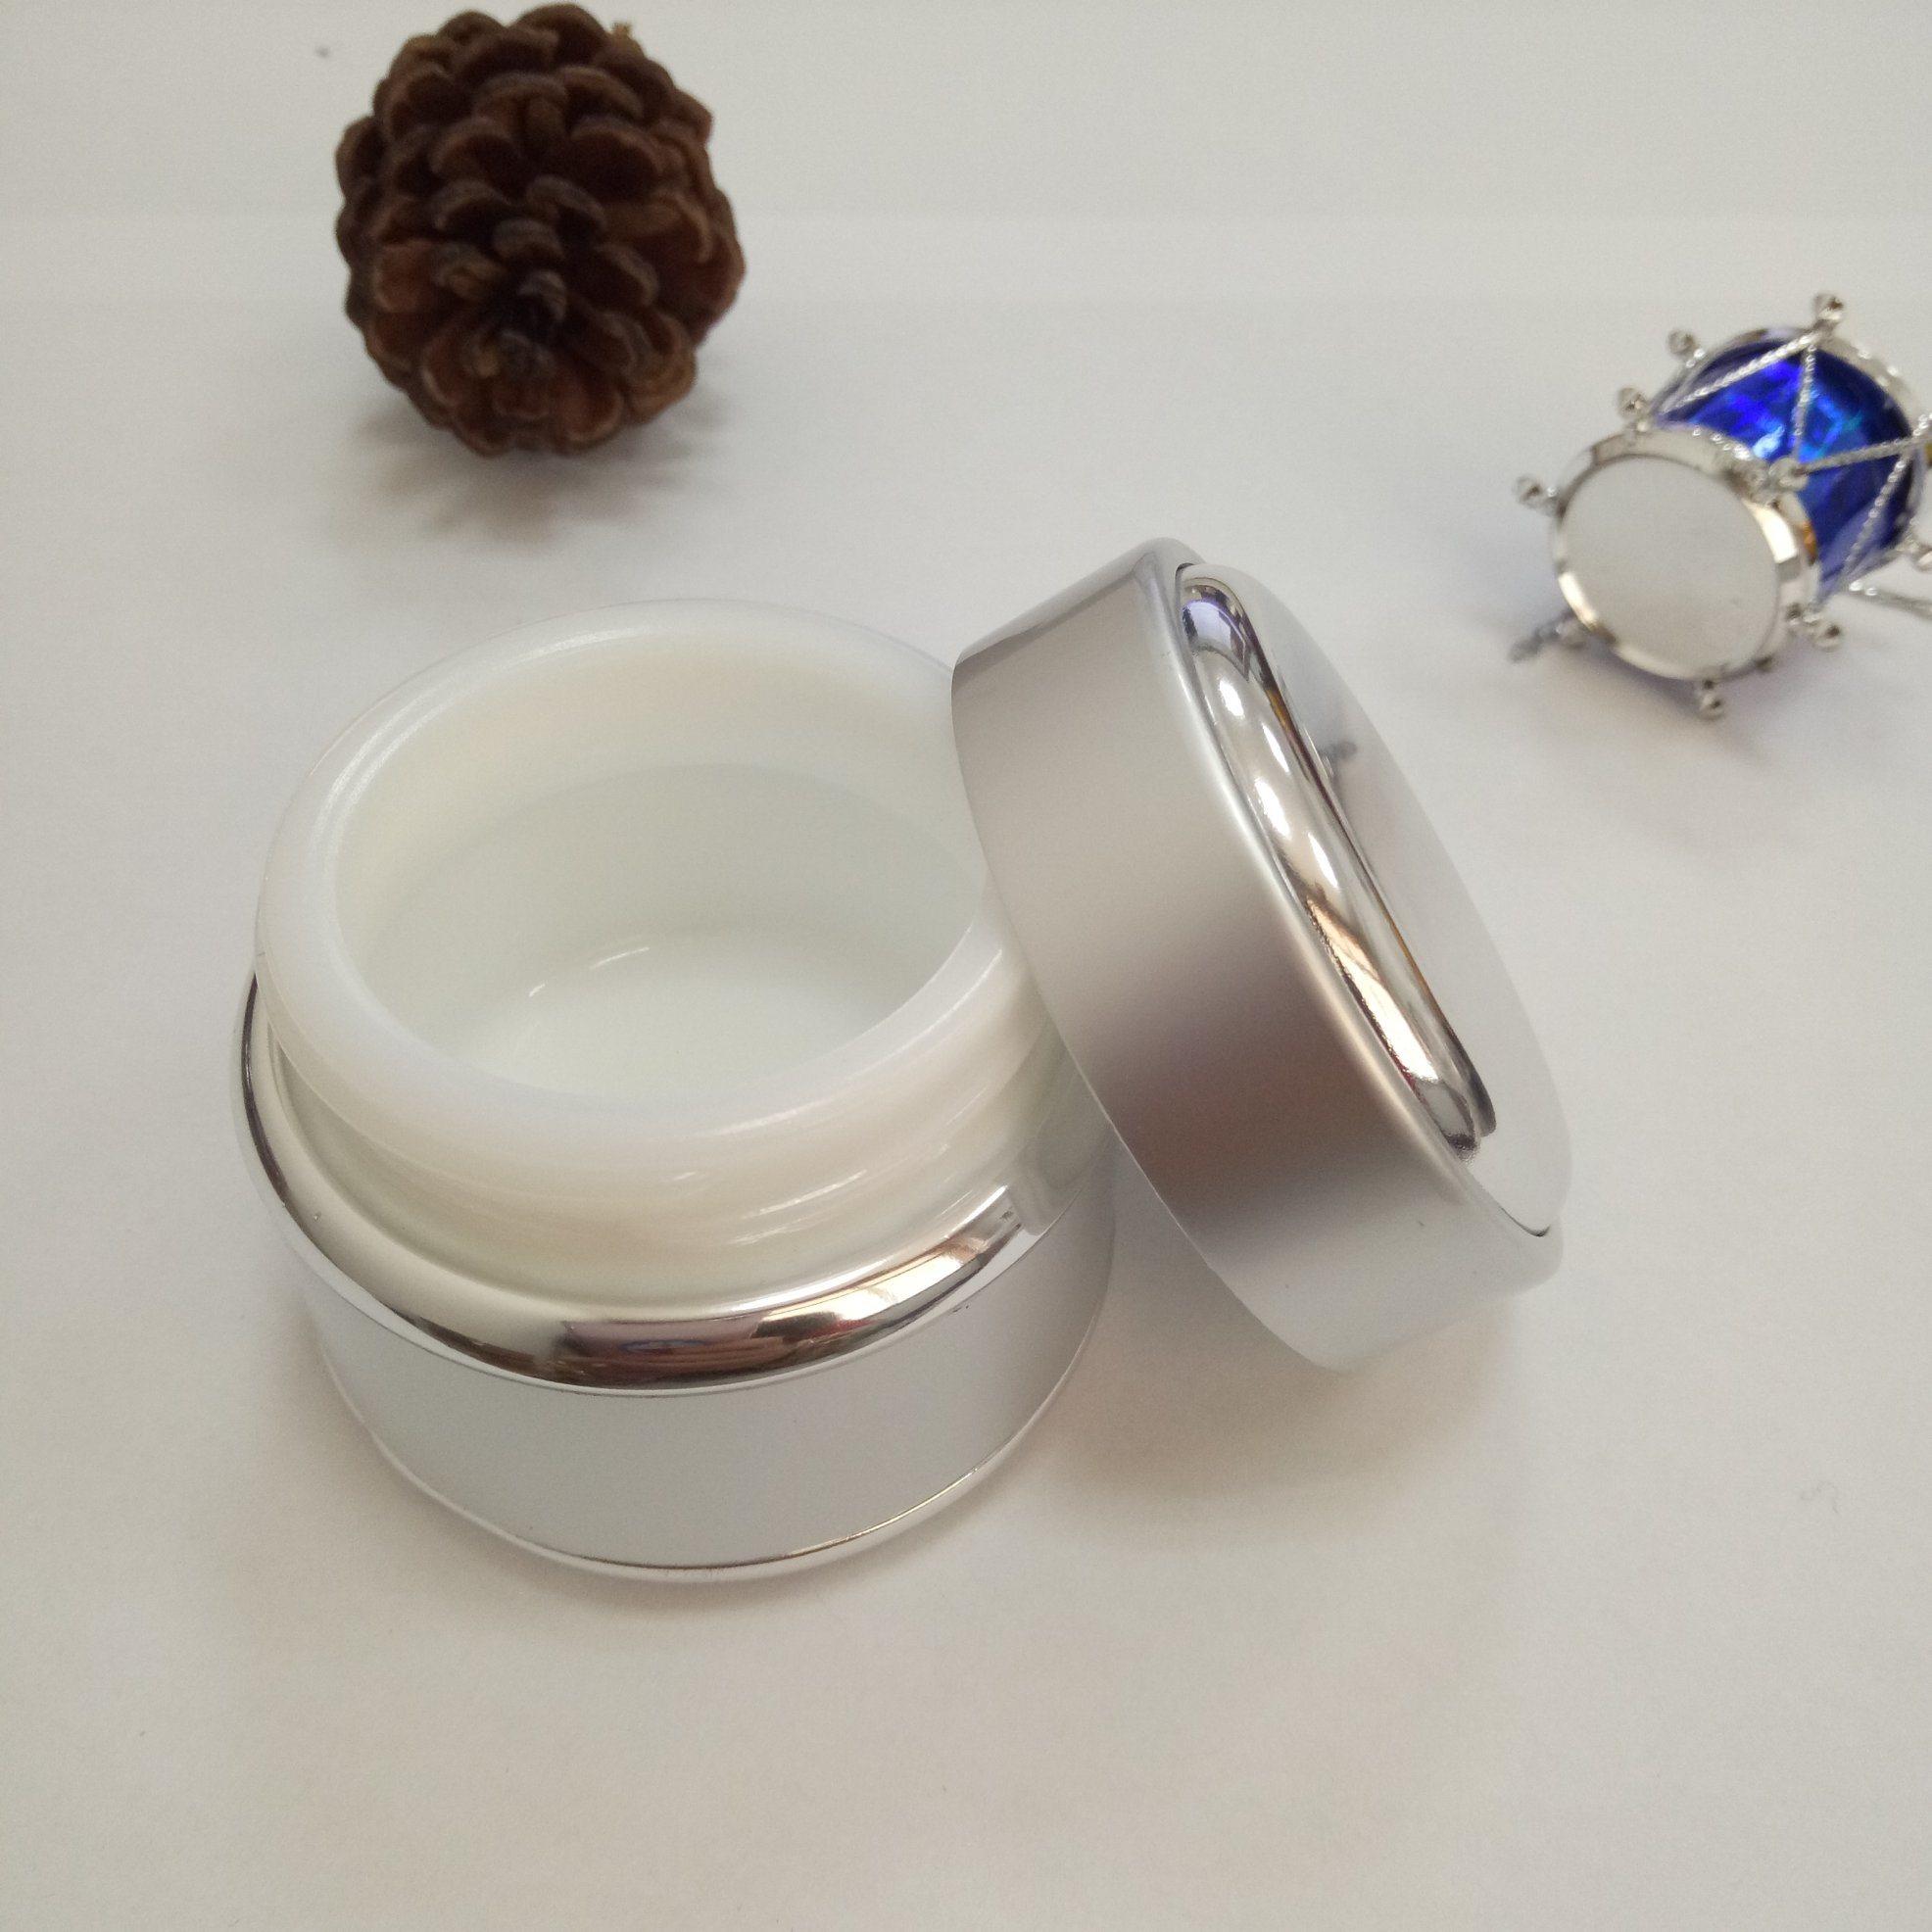 Round Aluminum Jar with Screw Cap